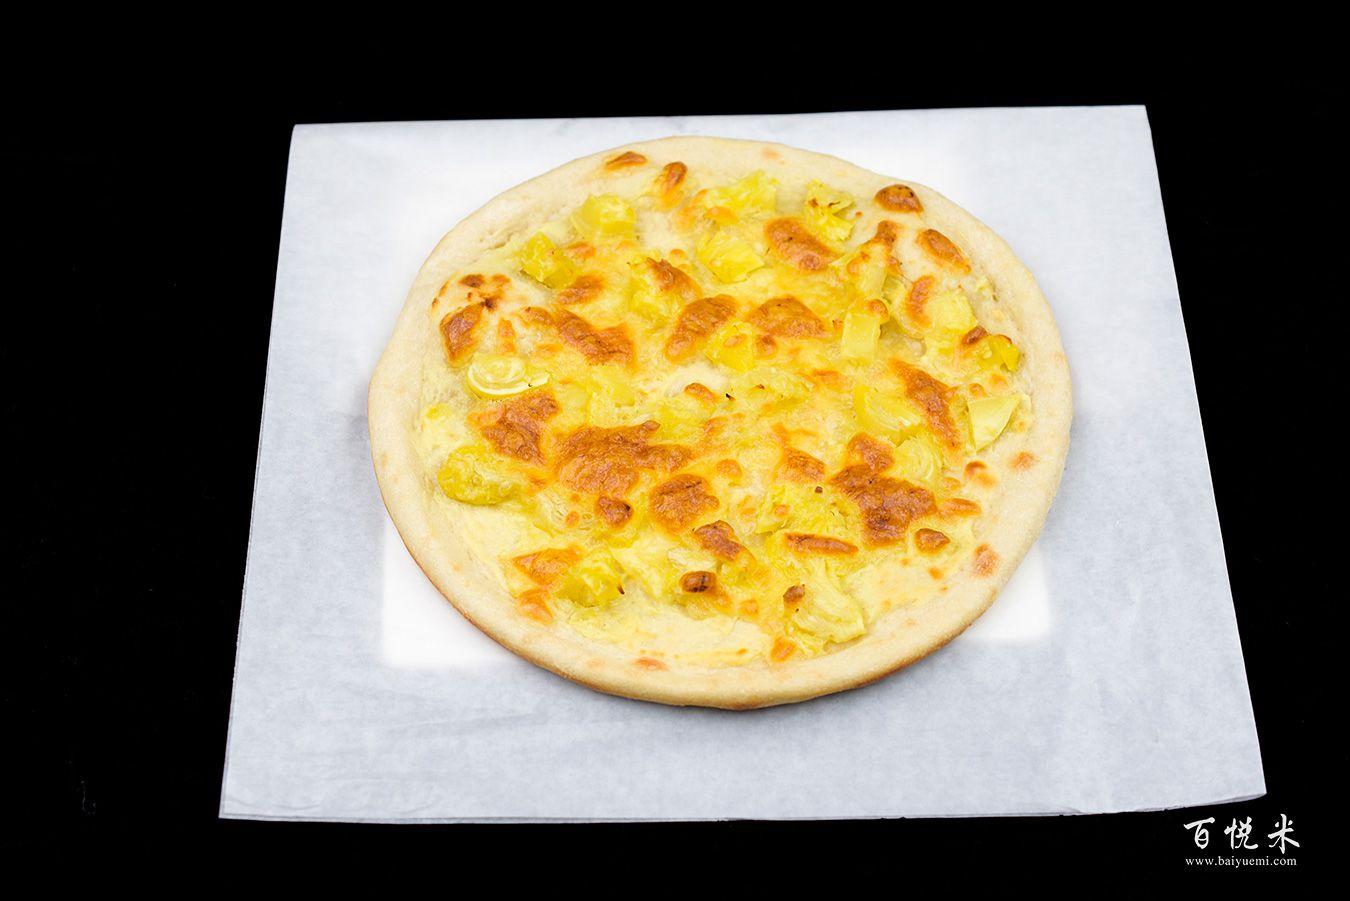 榴莲披萨高清图片大全【蛋糕图片】